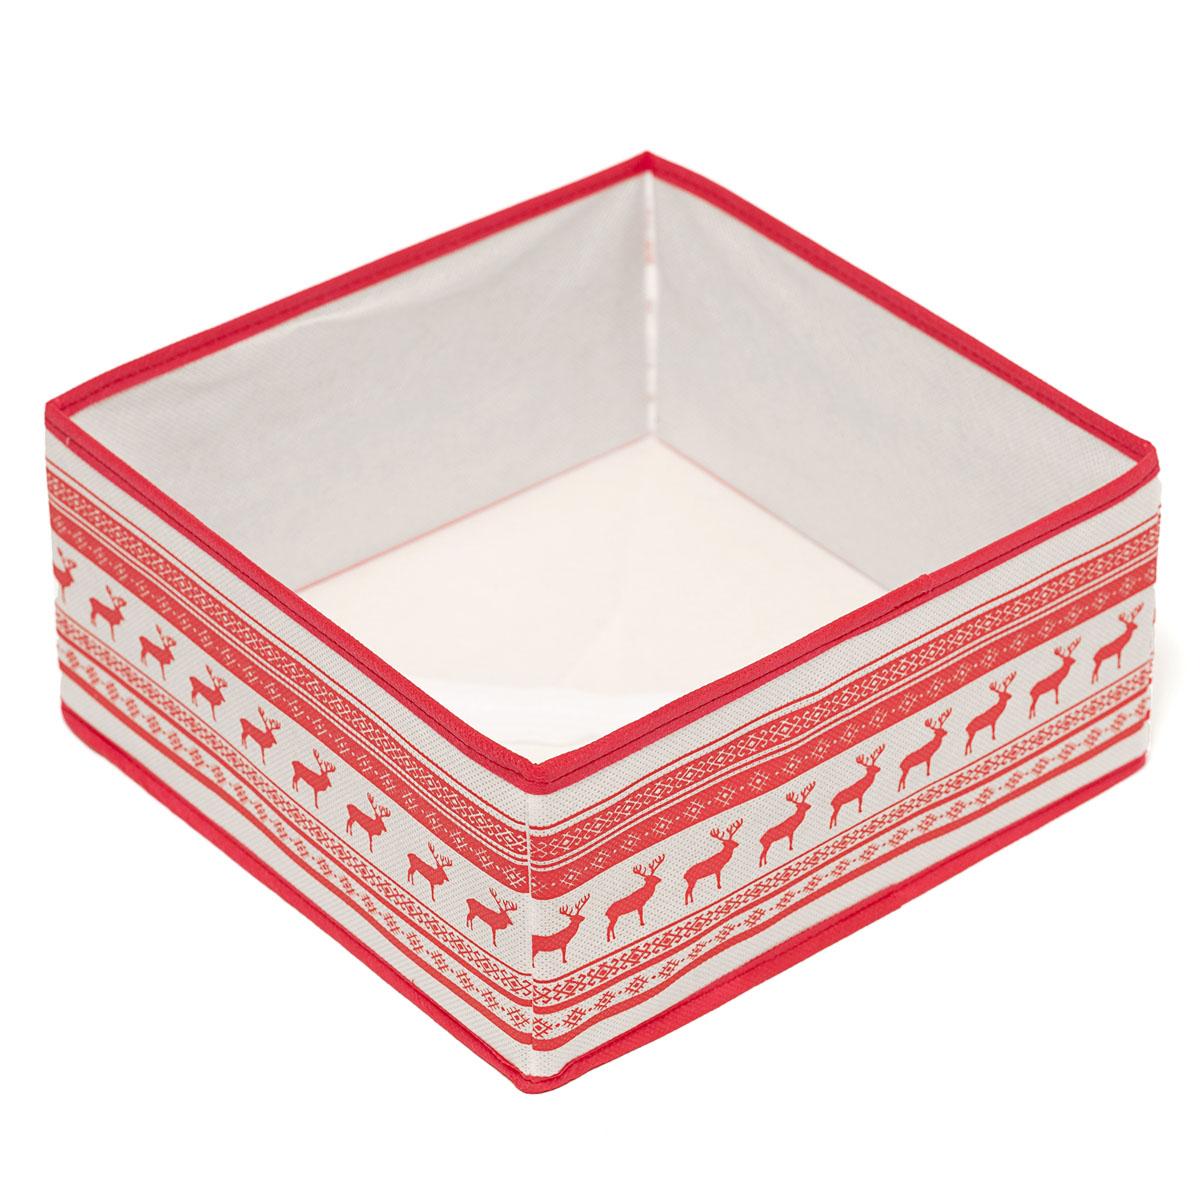 Кофр для хранения Homsu Scandinavia, 28 х 28 х 13 смHOM-126Кофр для хранения Homsu Scandinavia изготовлен из высококачественного нетканого полотна и декорирован красочным изображением. Кофр имеет одно большое отделение, где вы можете хранить различные бытовые вещи, нижнее белье, одежду и многое другое. Вставки из картона обеспечивают прочность конструкции. Стильный принт, модный цвет и качество исполнения сделают такой кофр незаменимым для хранения ваших вещей.